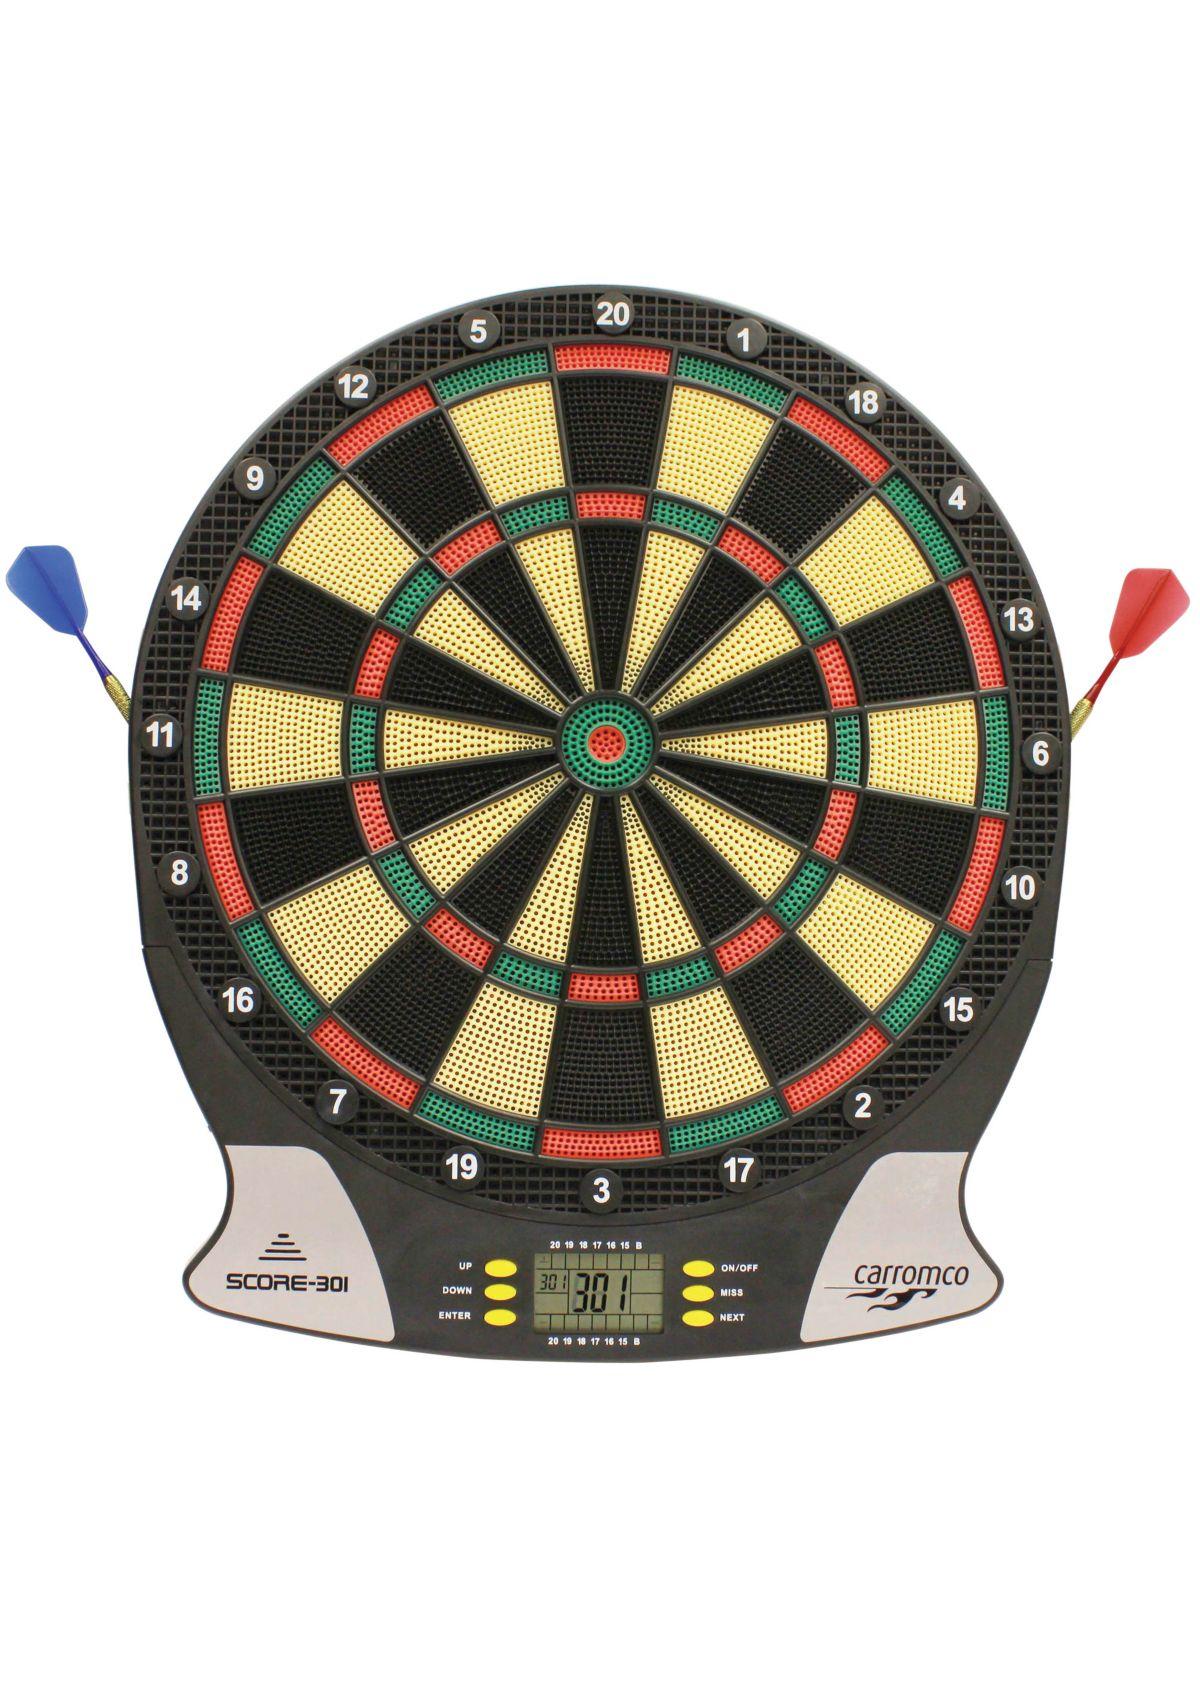 Carromco Elektronische Dartscheibe, »Elektronik Dartboard Score-301«